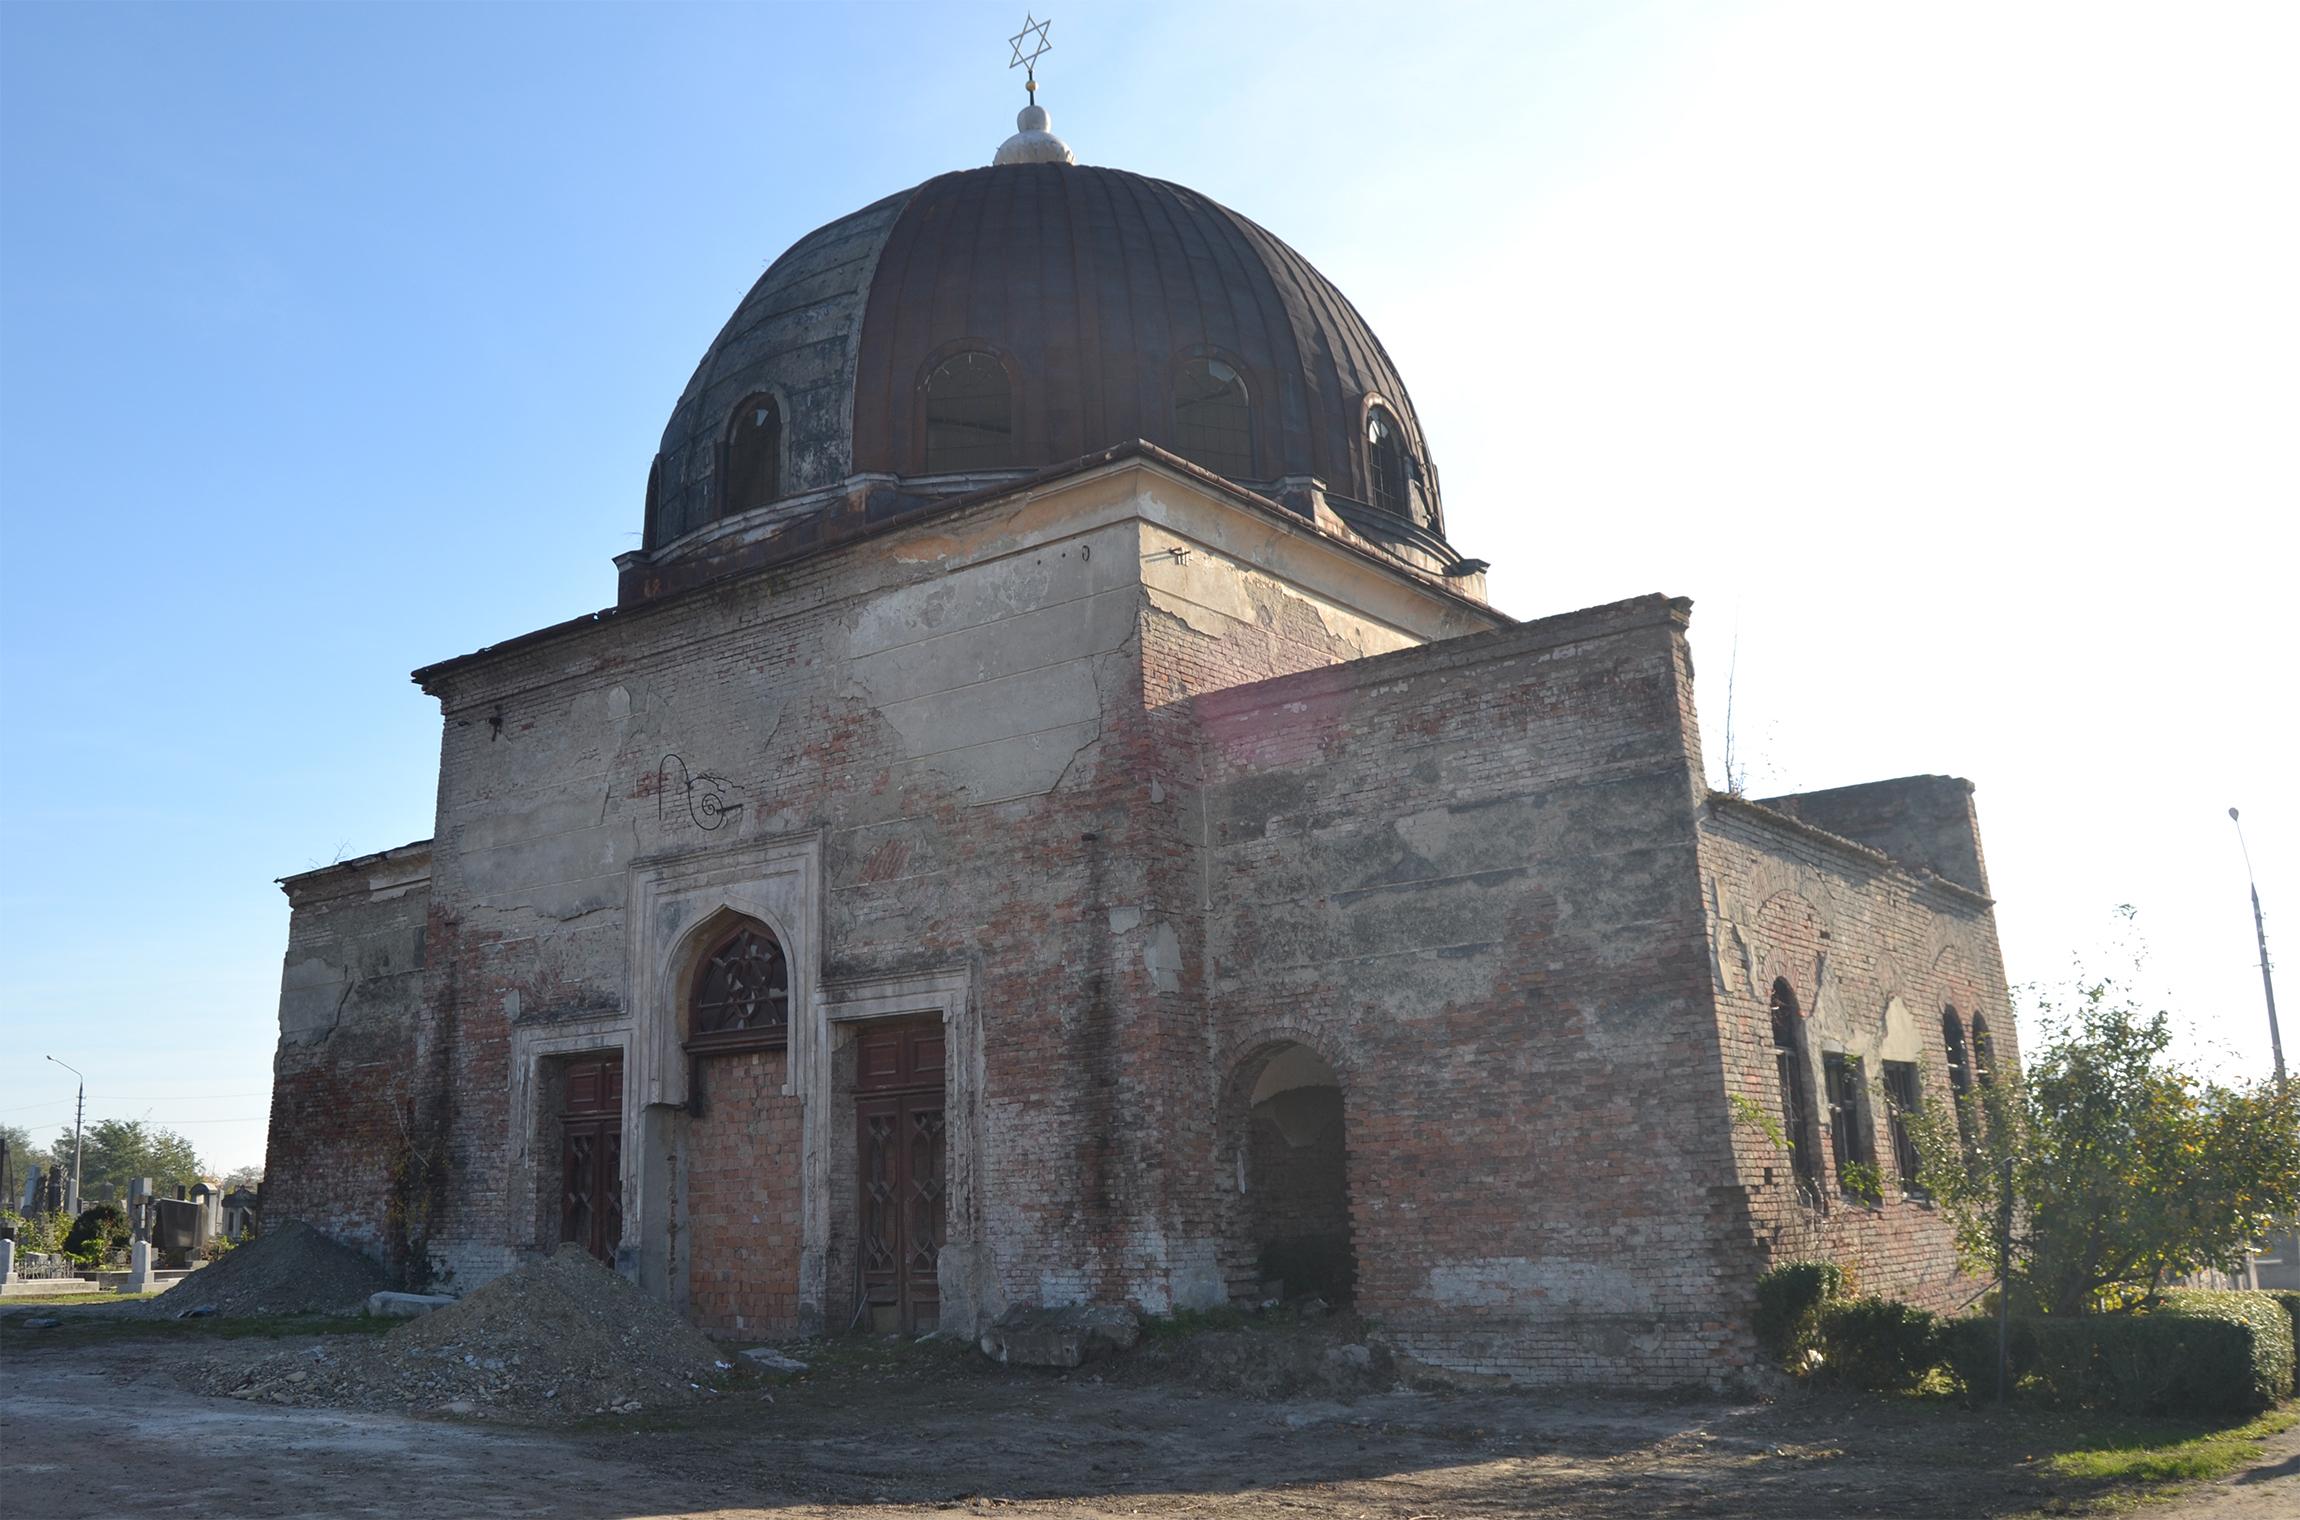 Aussegnunghalle auf dem jüdischen Friedhof.